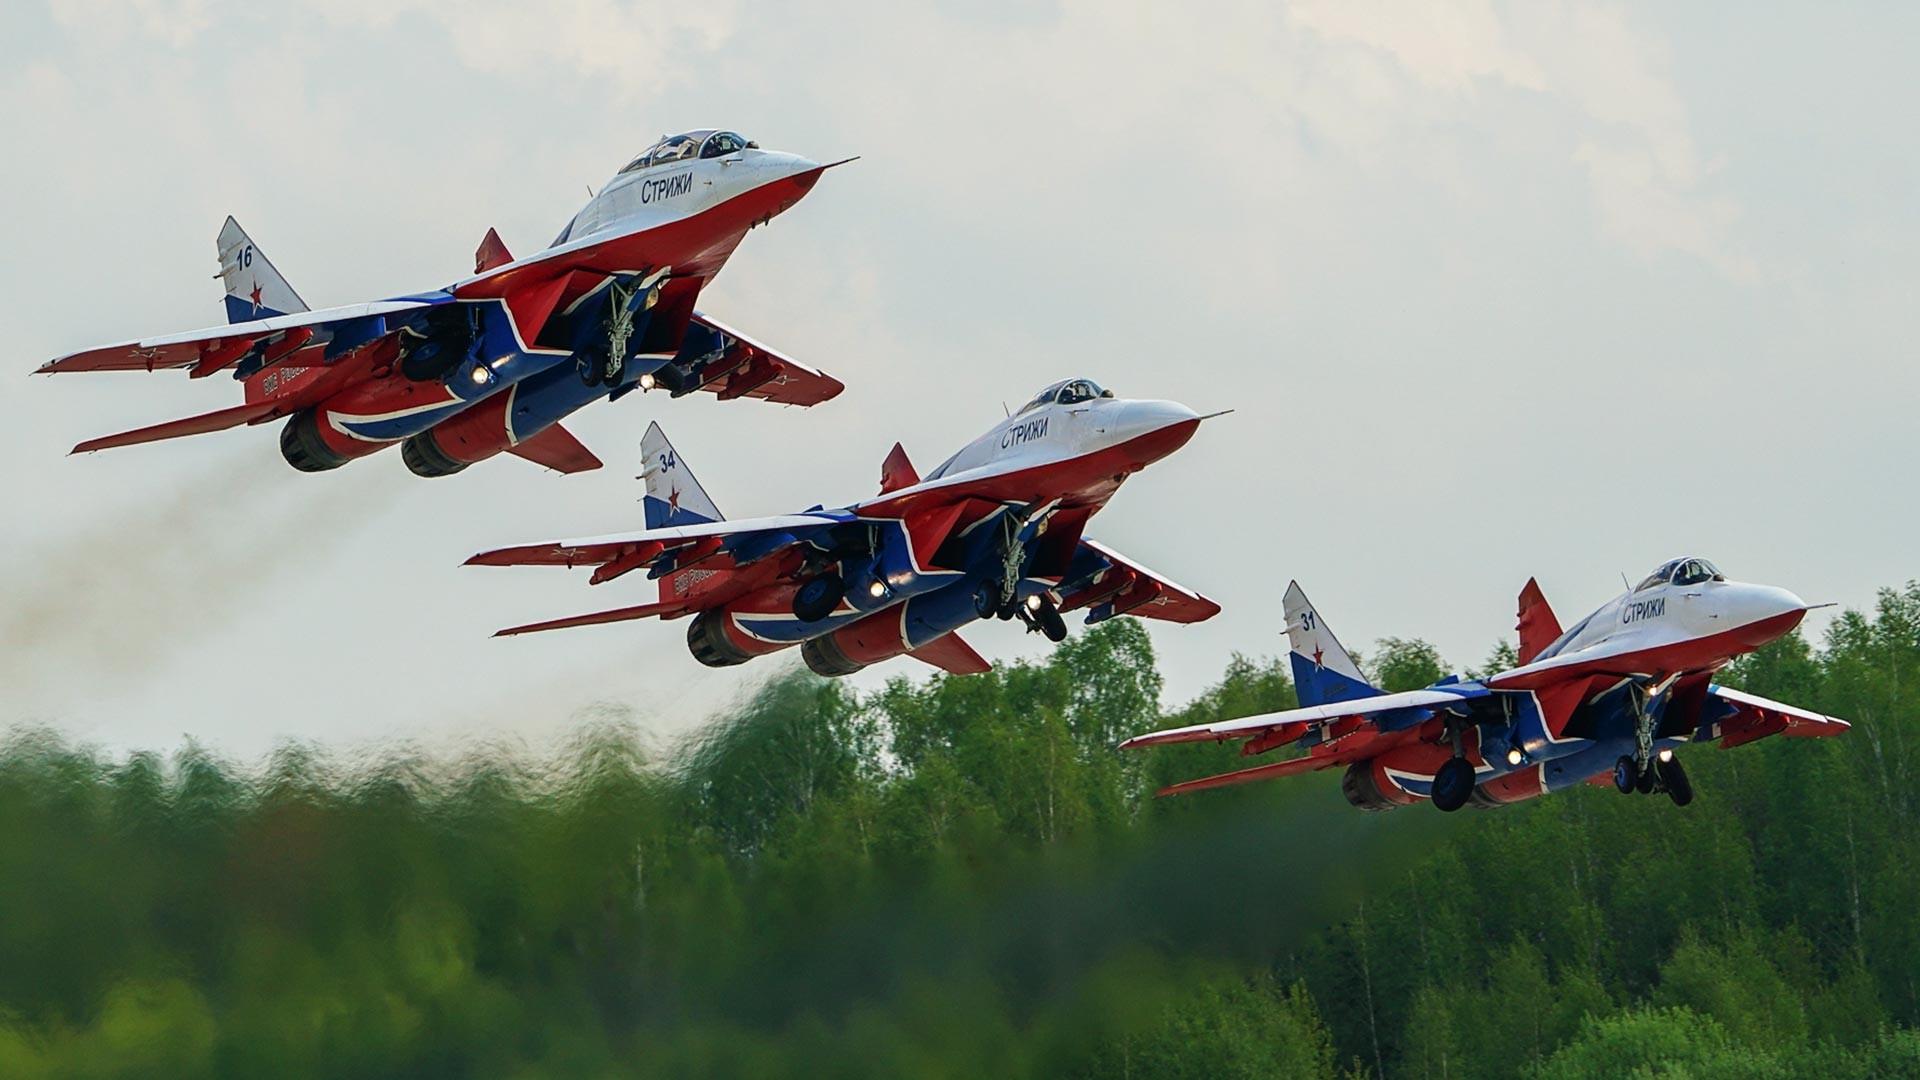 """Ловци МиГ-29 пилотске групе """"Стрижи"""" изводе демонстрациони лет изнад аеродрома Кубинка. Пилотске групе """"Стрижи"""" и """"Руски витезови"""" ће у 2021. години обележити 30-годишњицу постојања."""